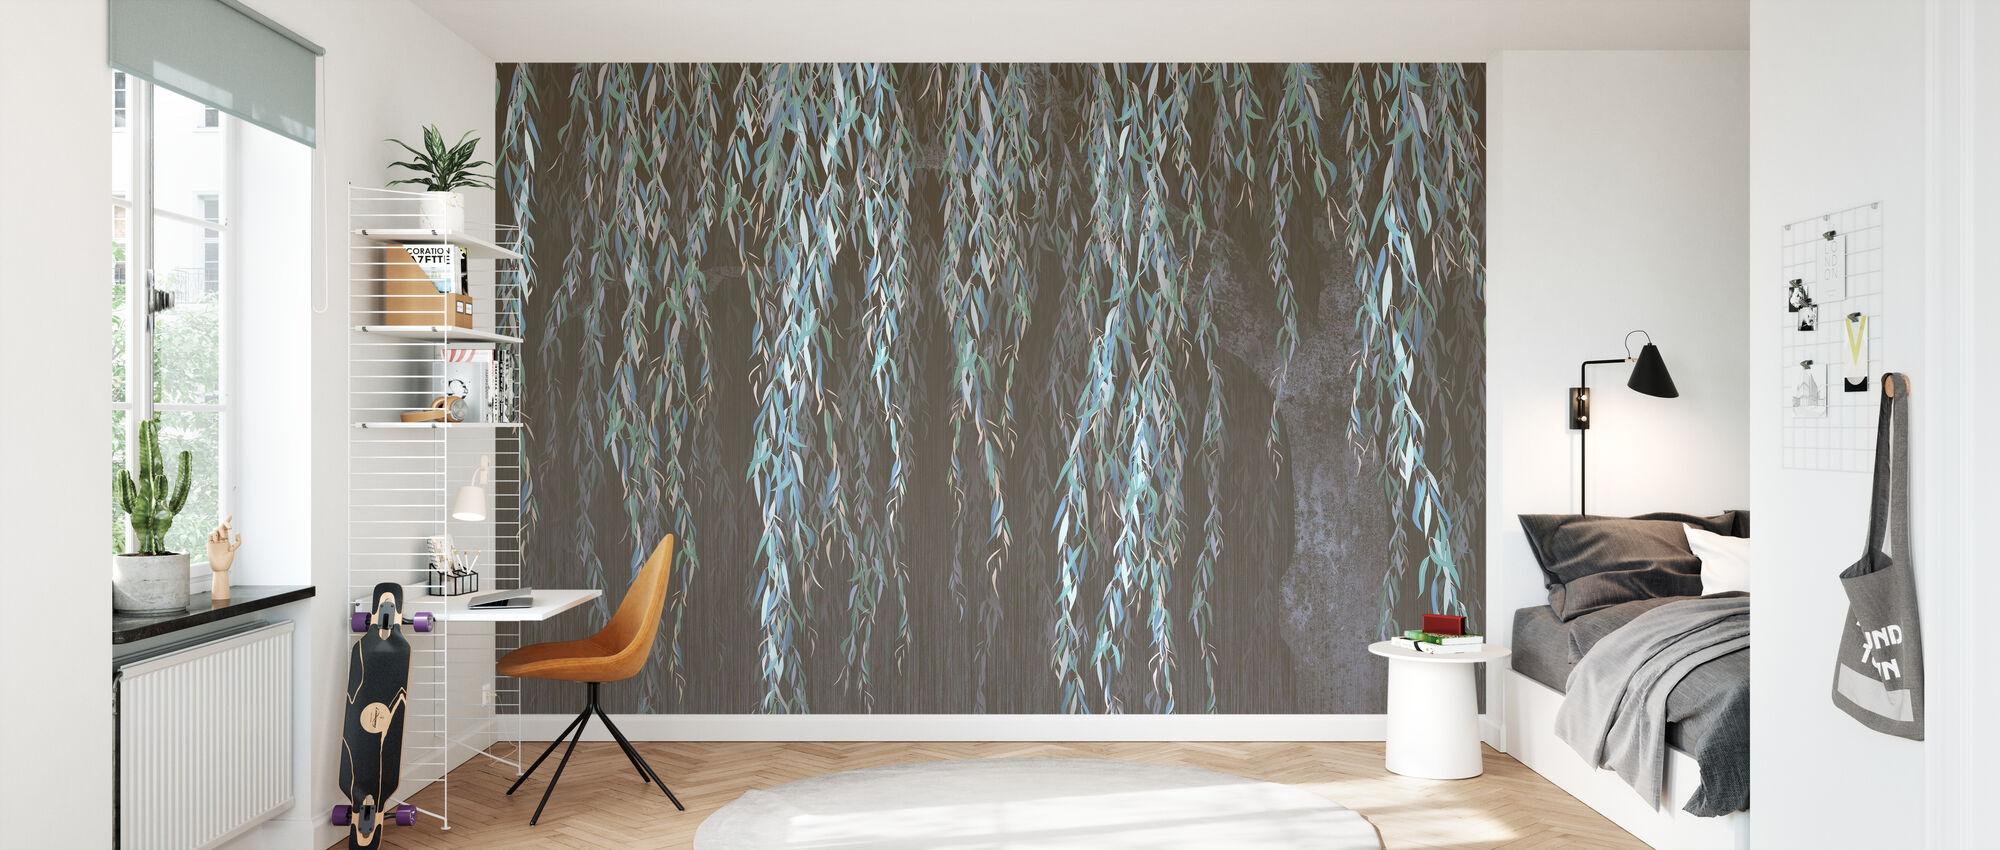 Willow - Wallpaper - Kids Room